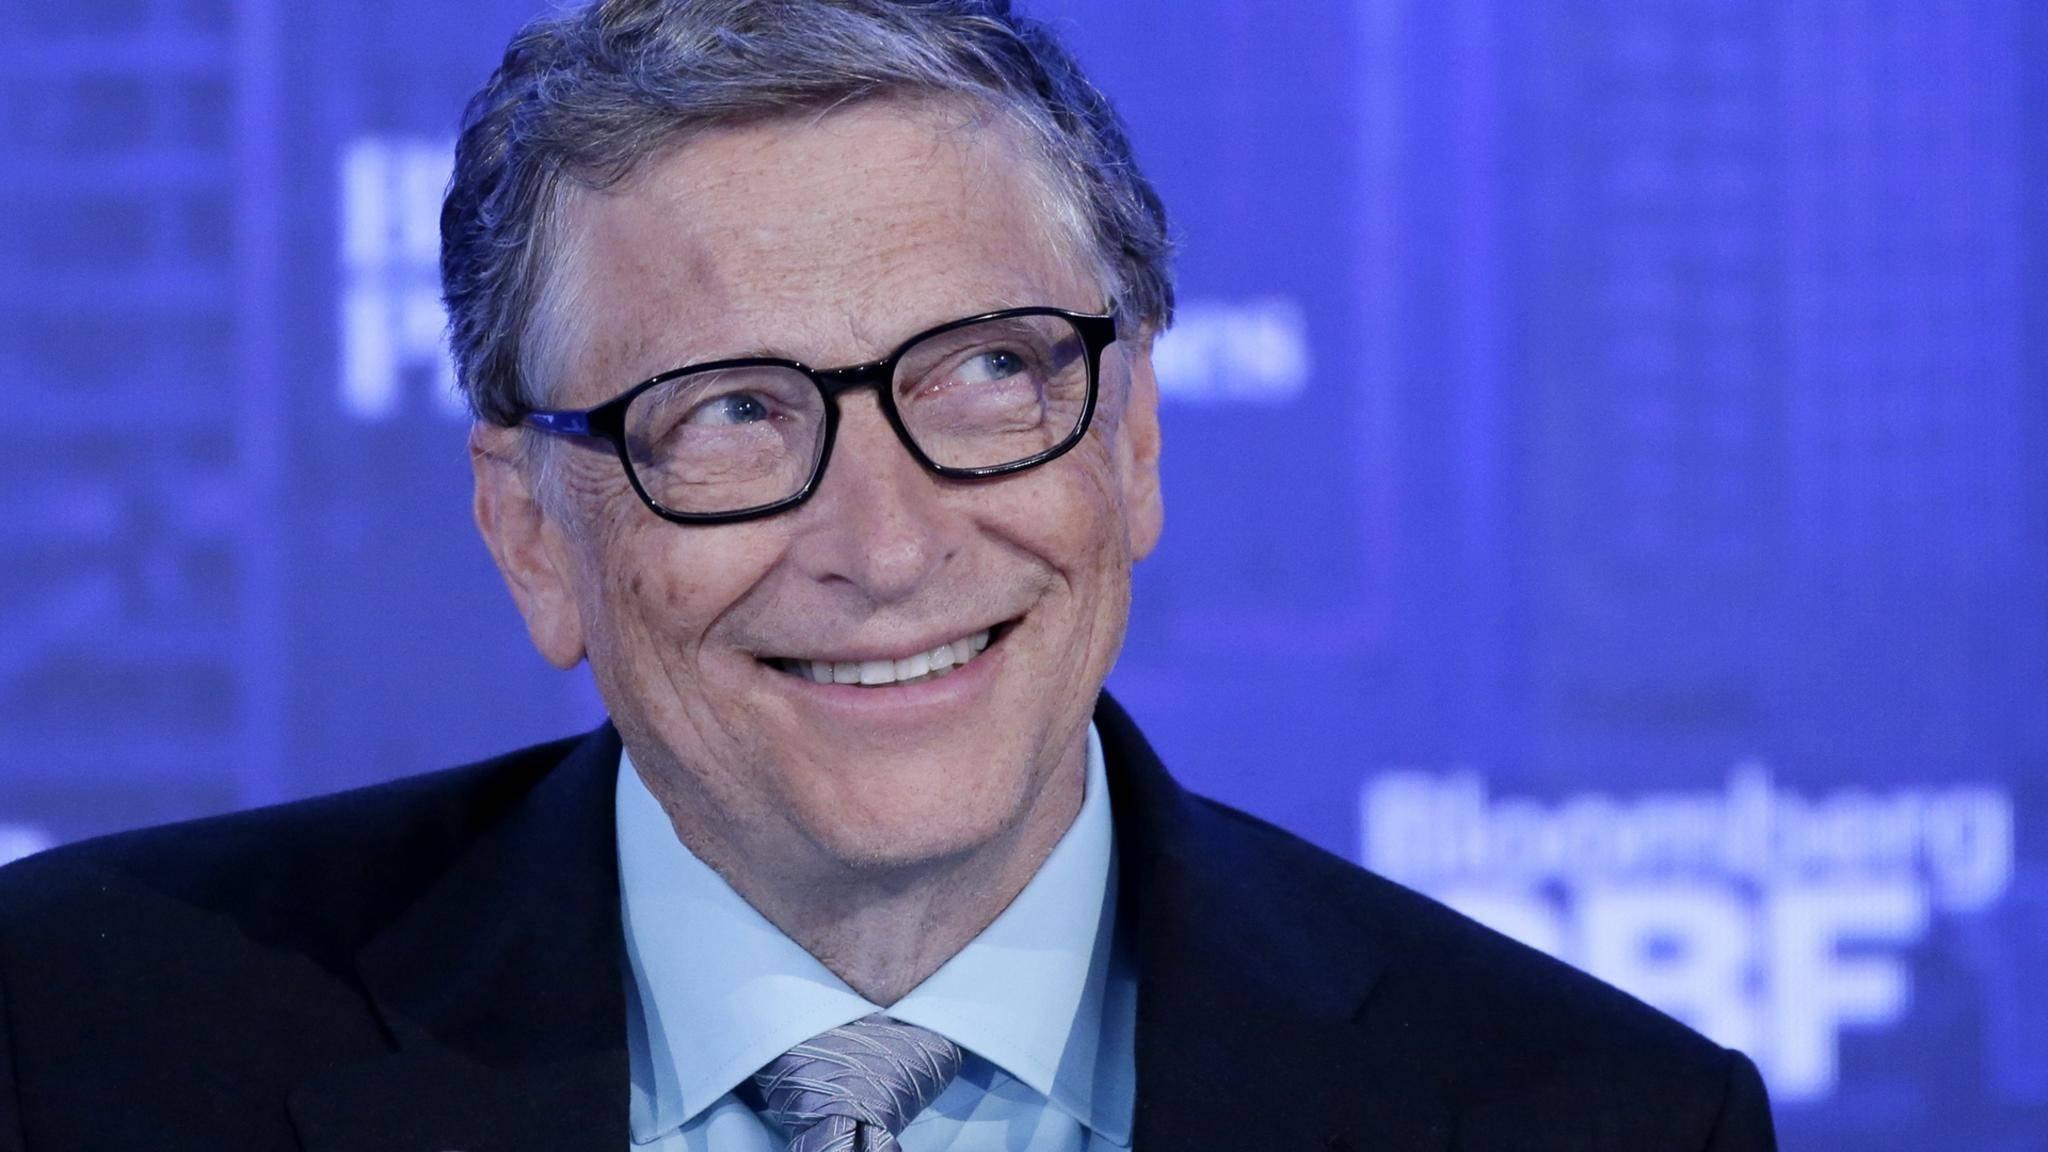 Bill Gates nutzt jetzt Android - Aber auf keinen Fall ein iPhone